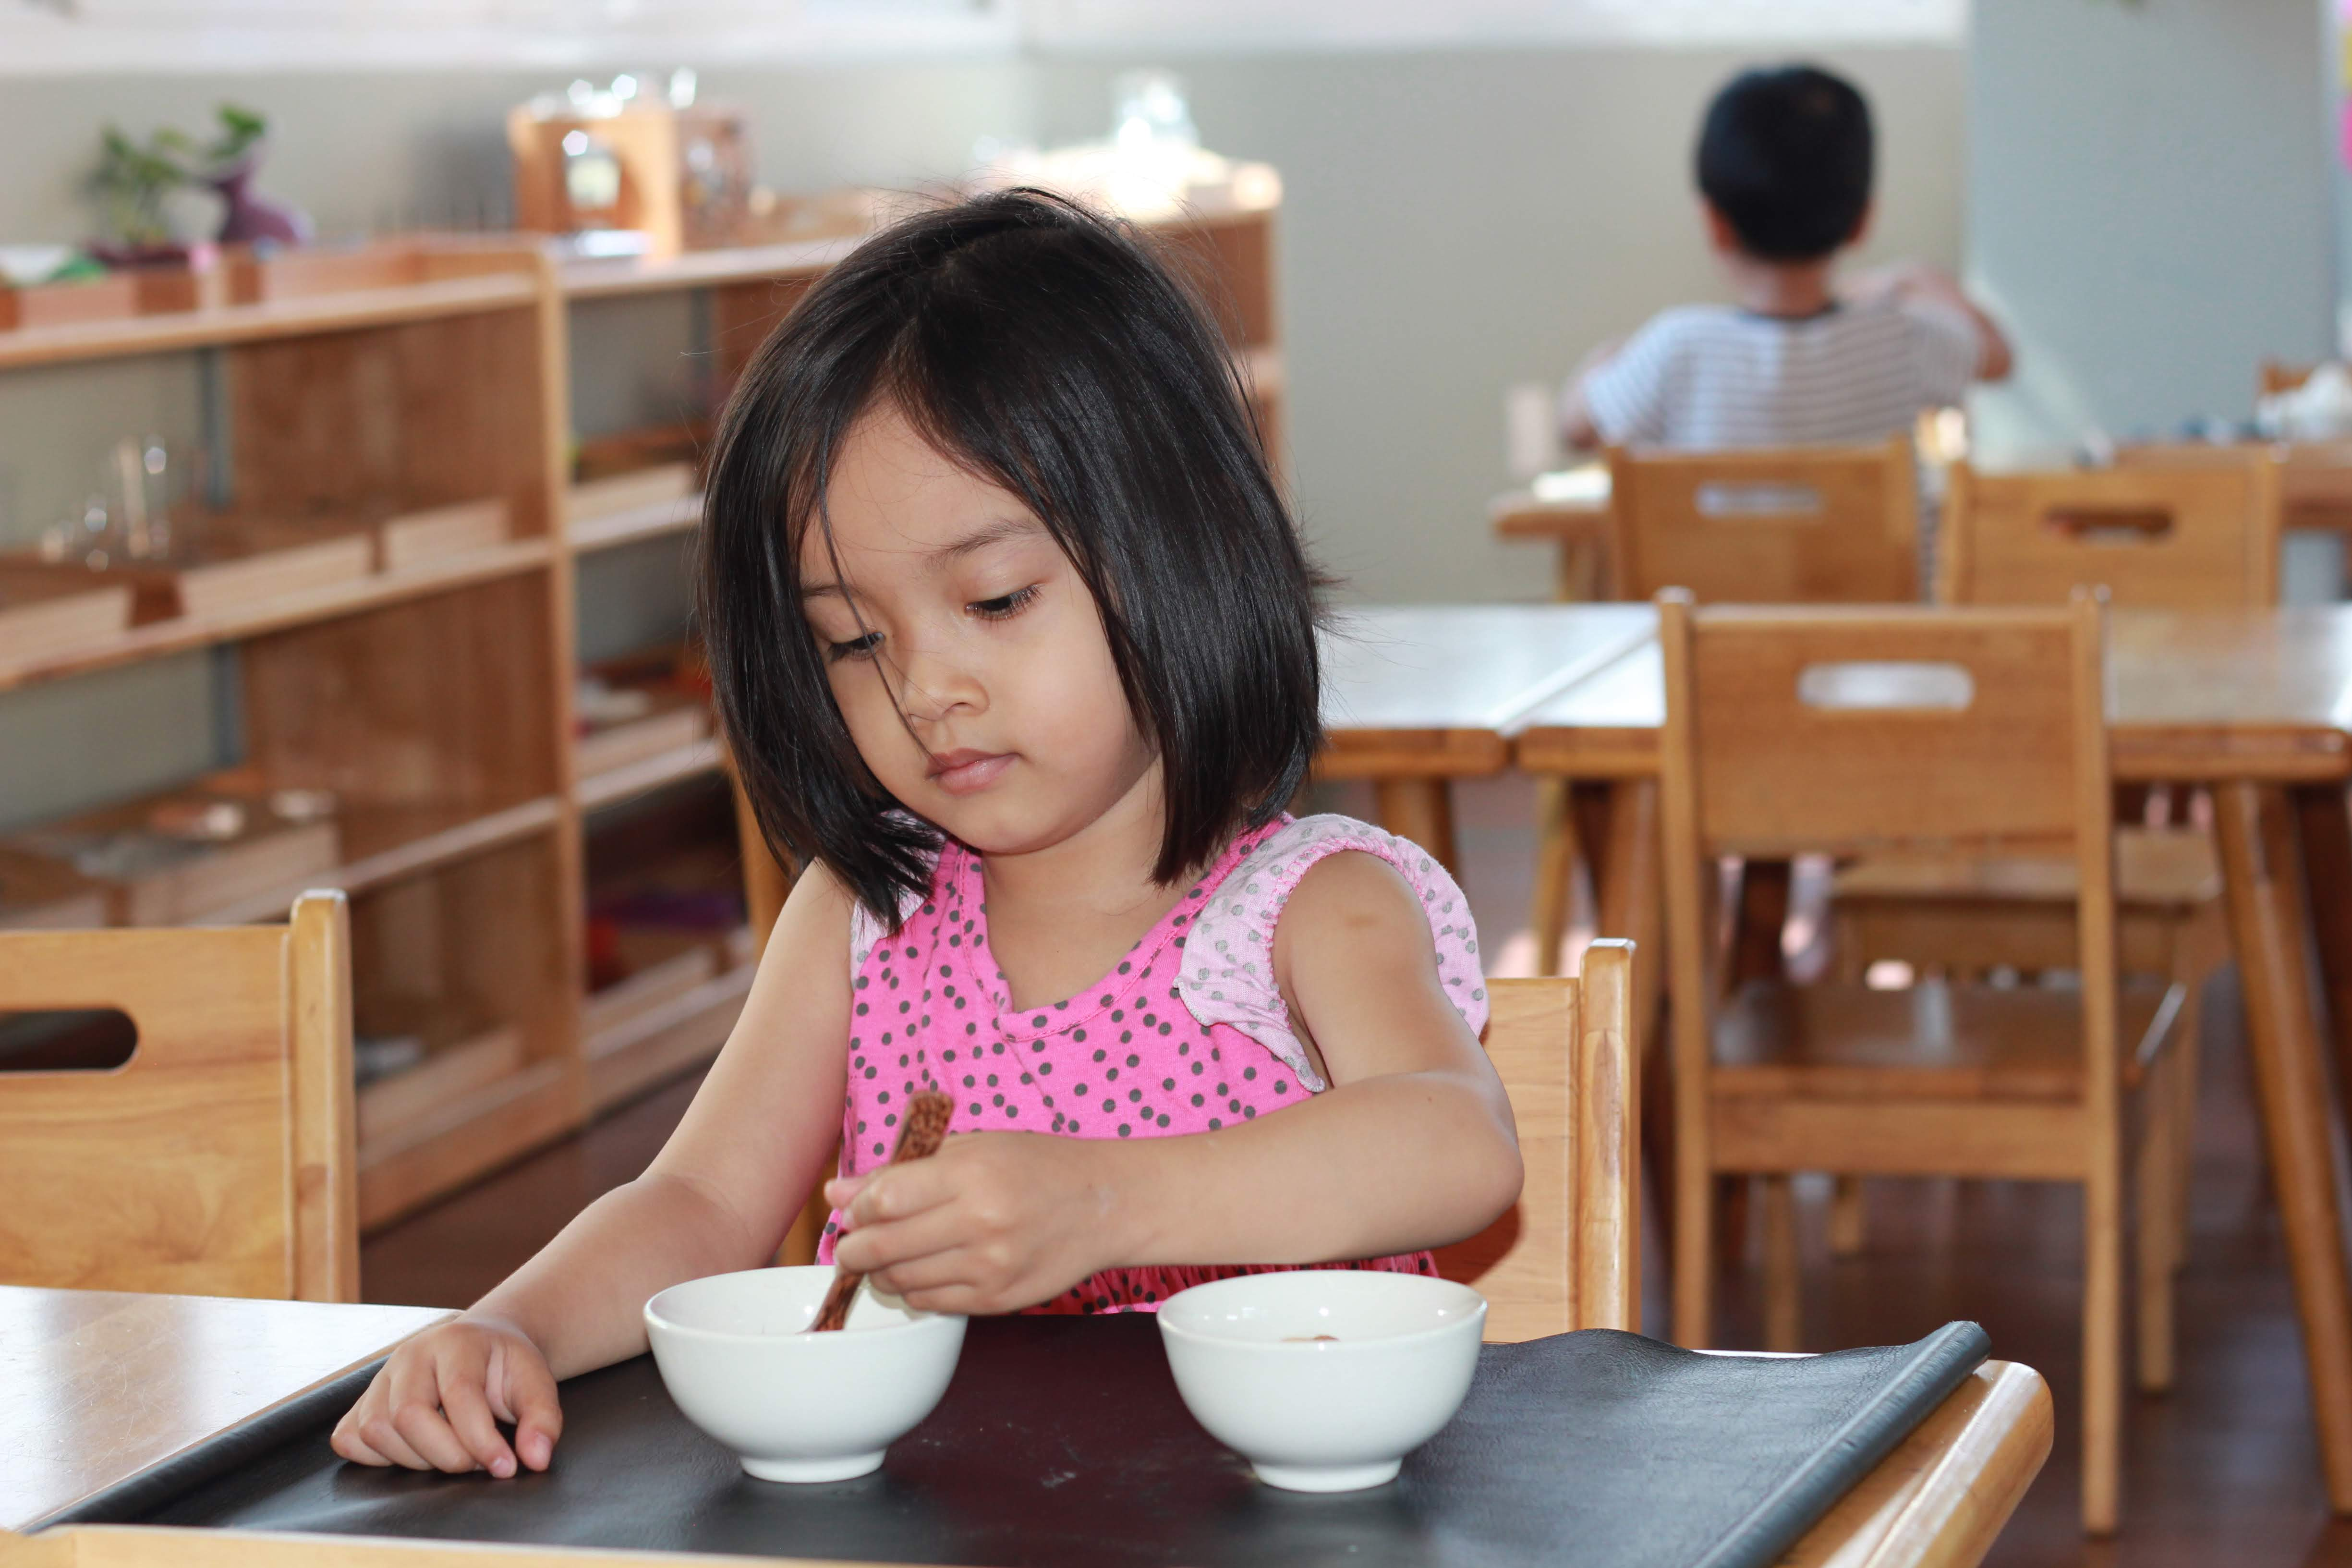 5 phương pháp giáo dục sớm cho trẻ mầm non tốt nhất